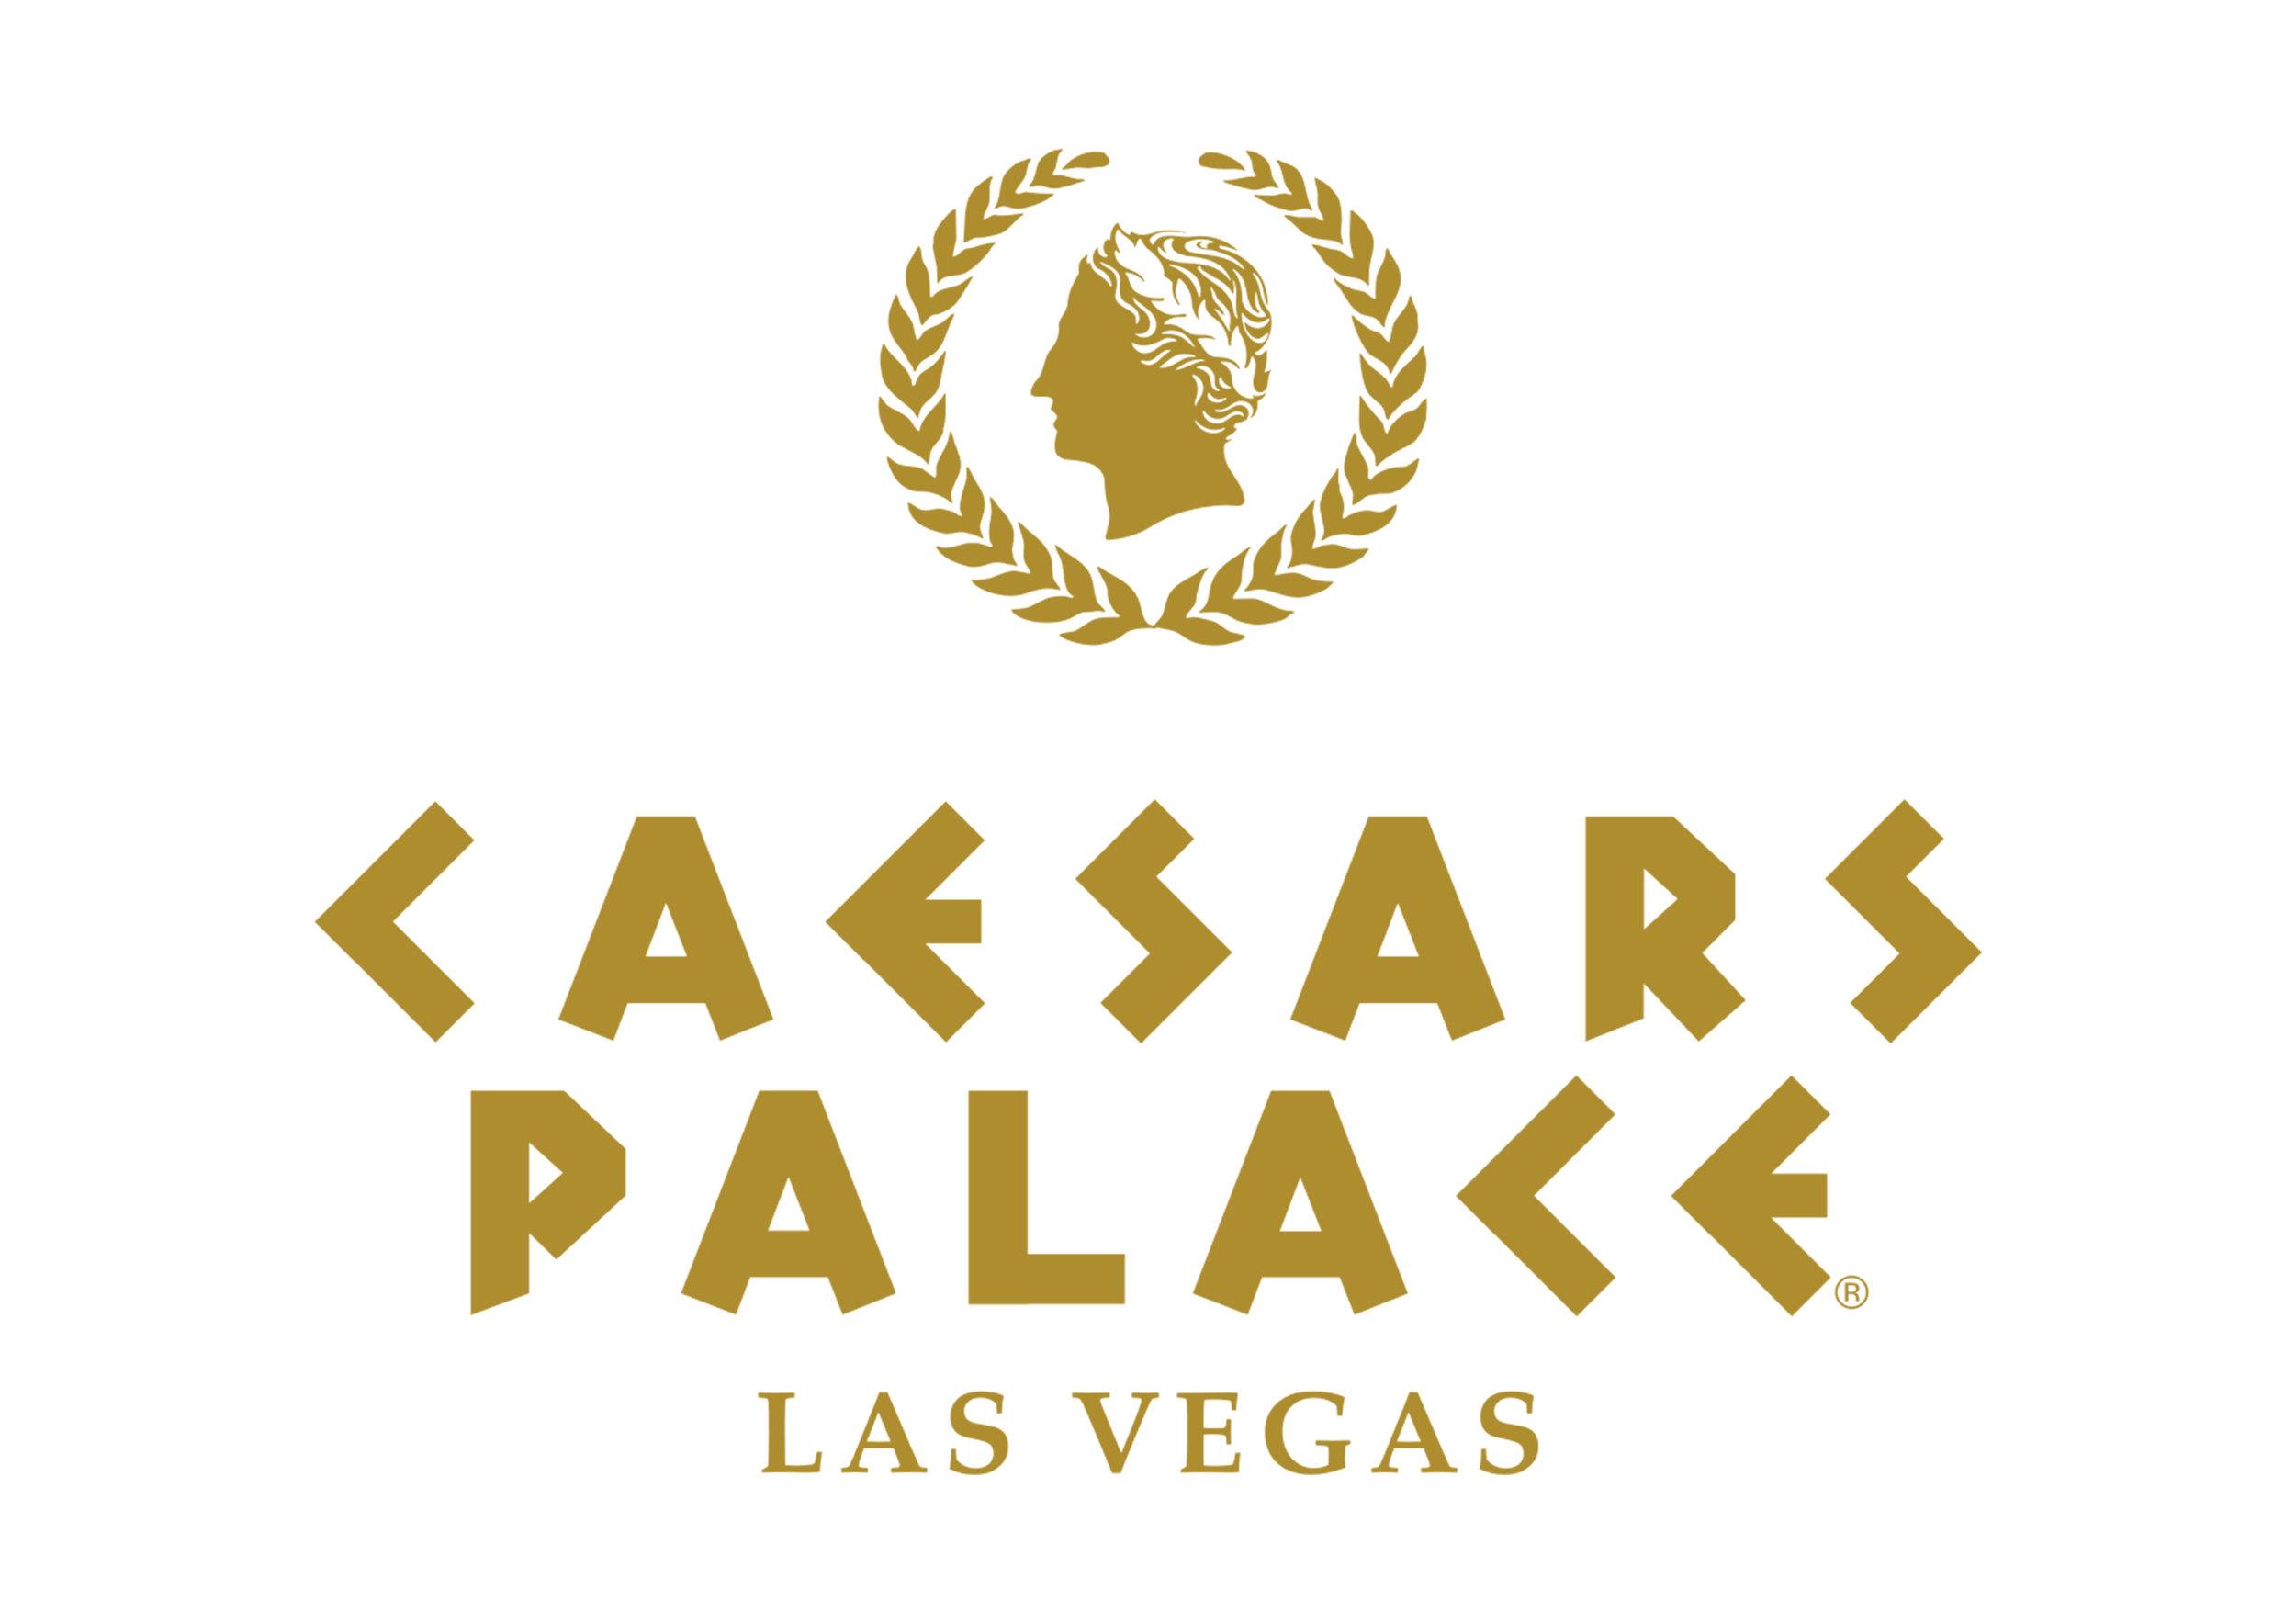 Caesars Palace LA.jpg